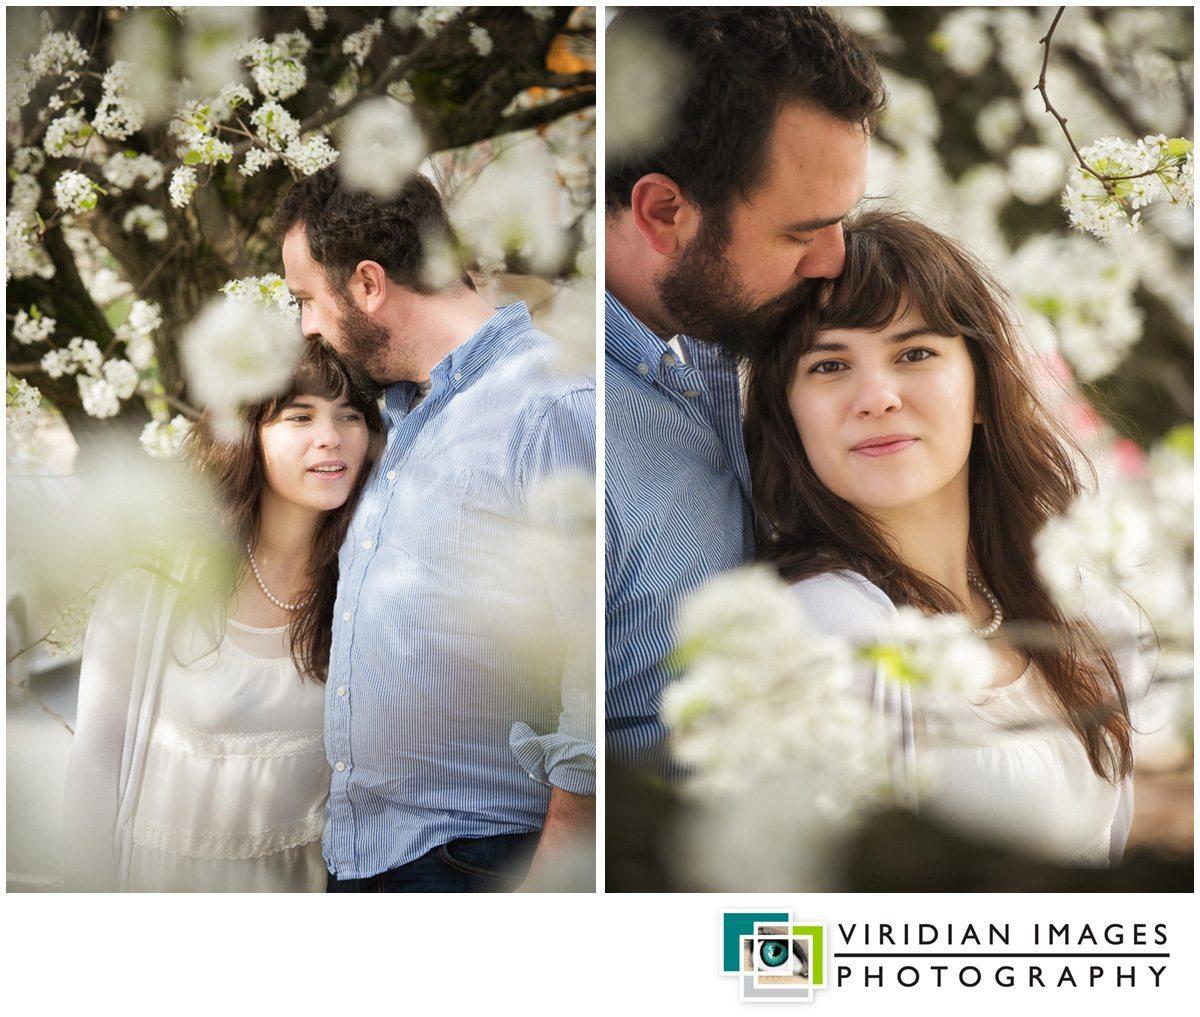 Vinings_engagement_I_J_ViridianImages_photo_6